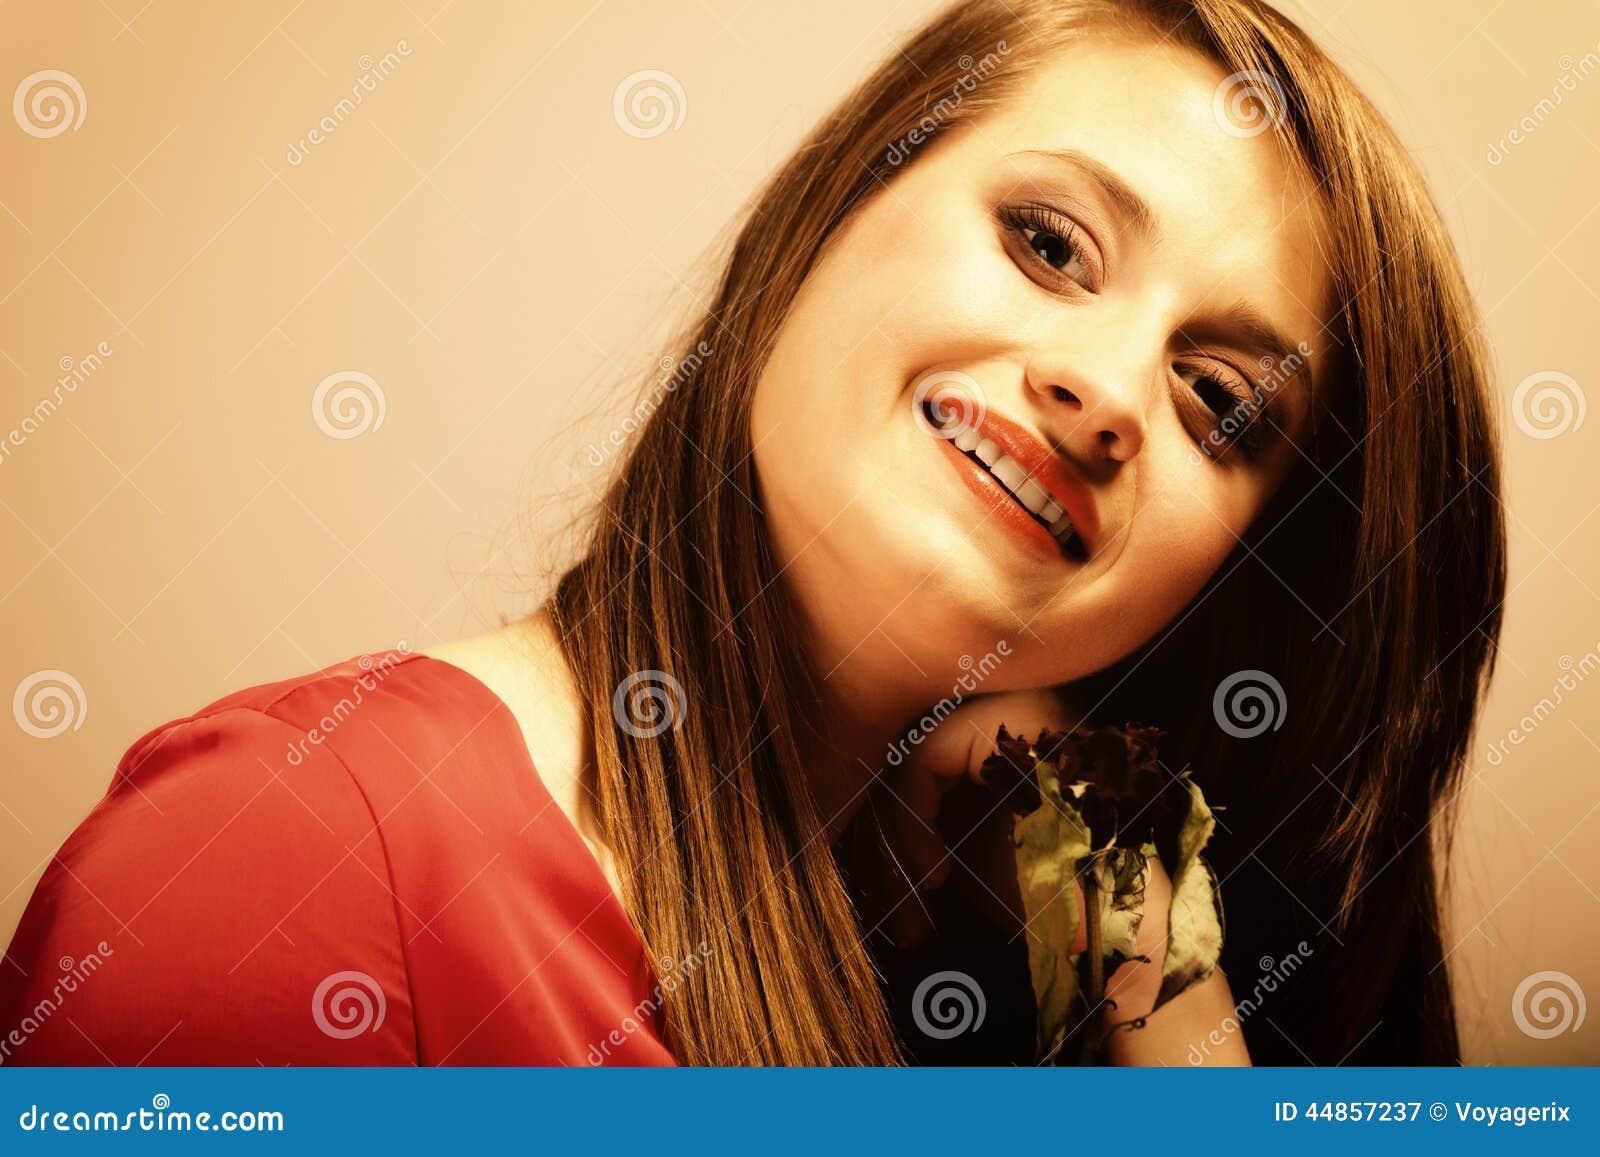 Forme a la mujer que subió la muchacha adolescente en vestido rojo con seco